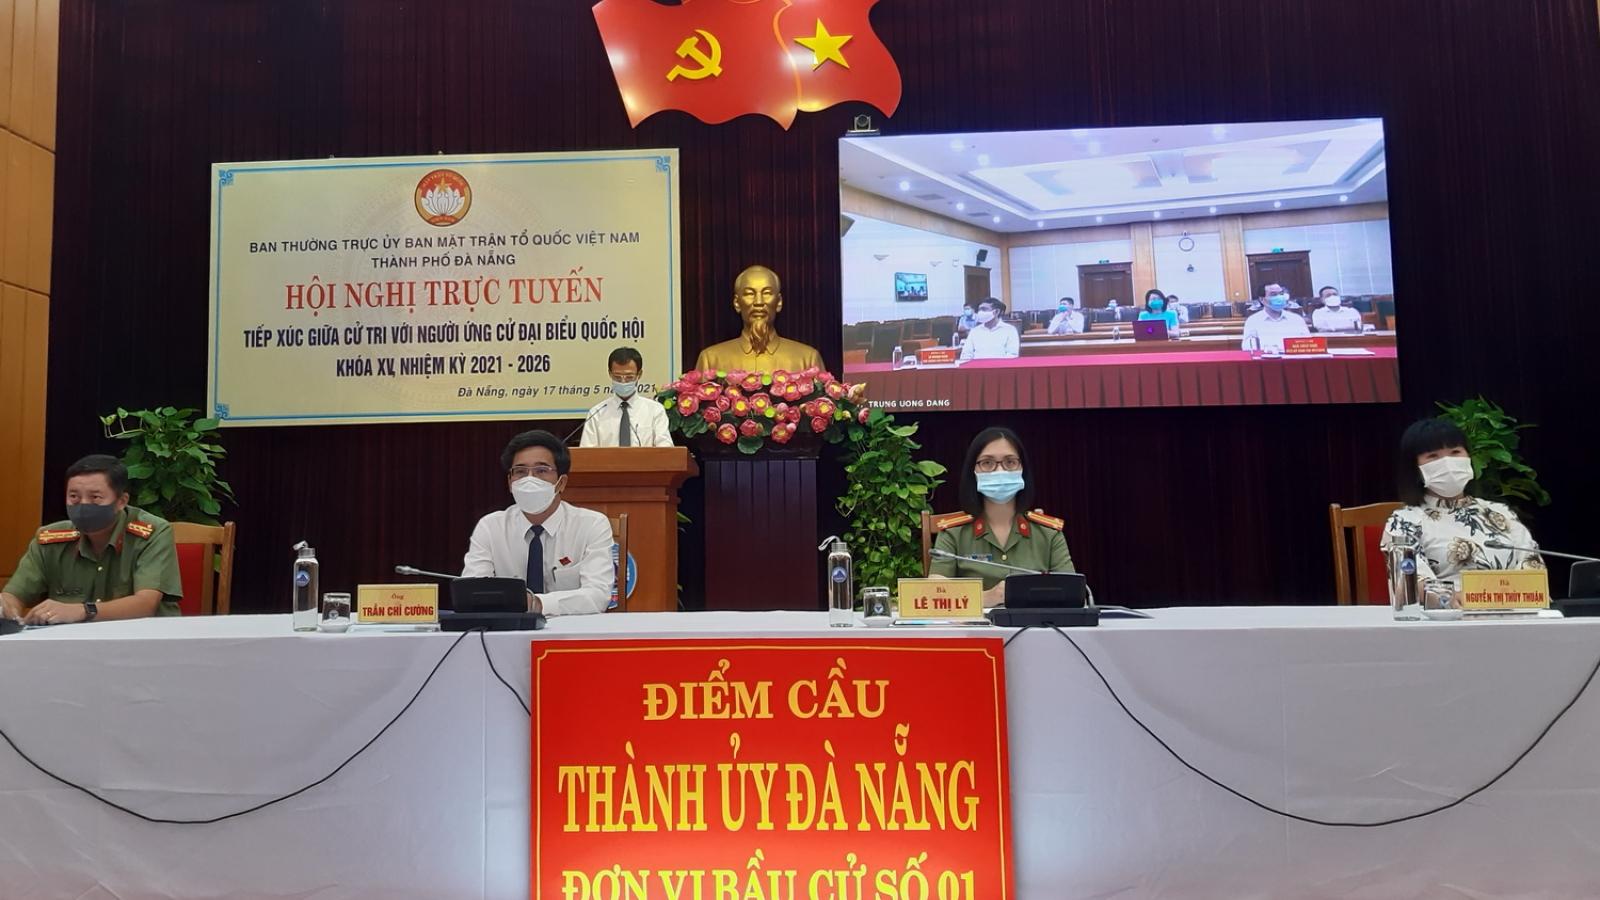 Ông Võ Văn Thưởng tiếp xúc trực tuyến với cử tri Đà Nẵng